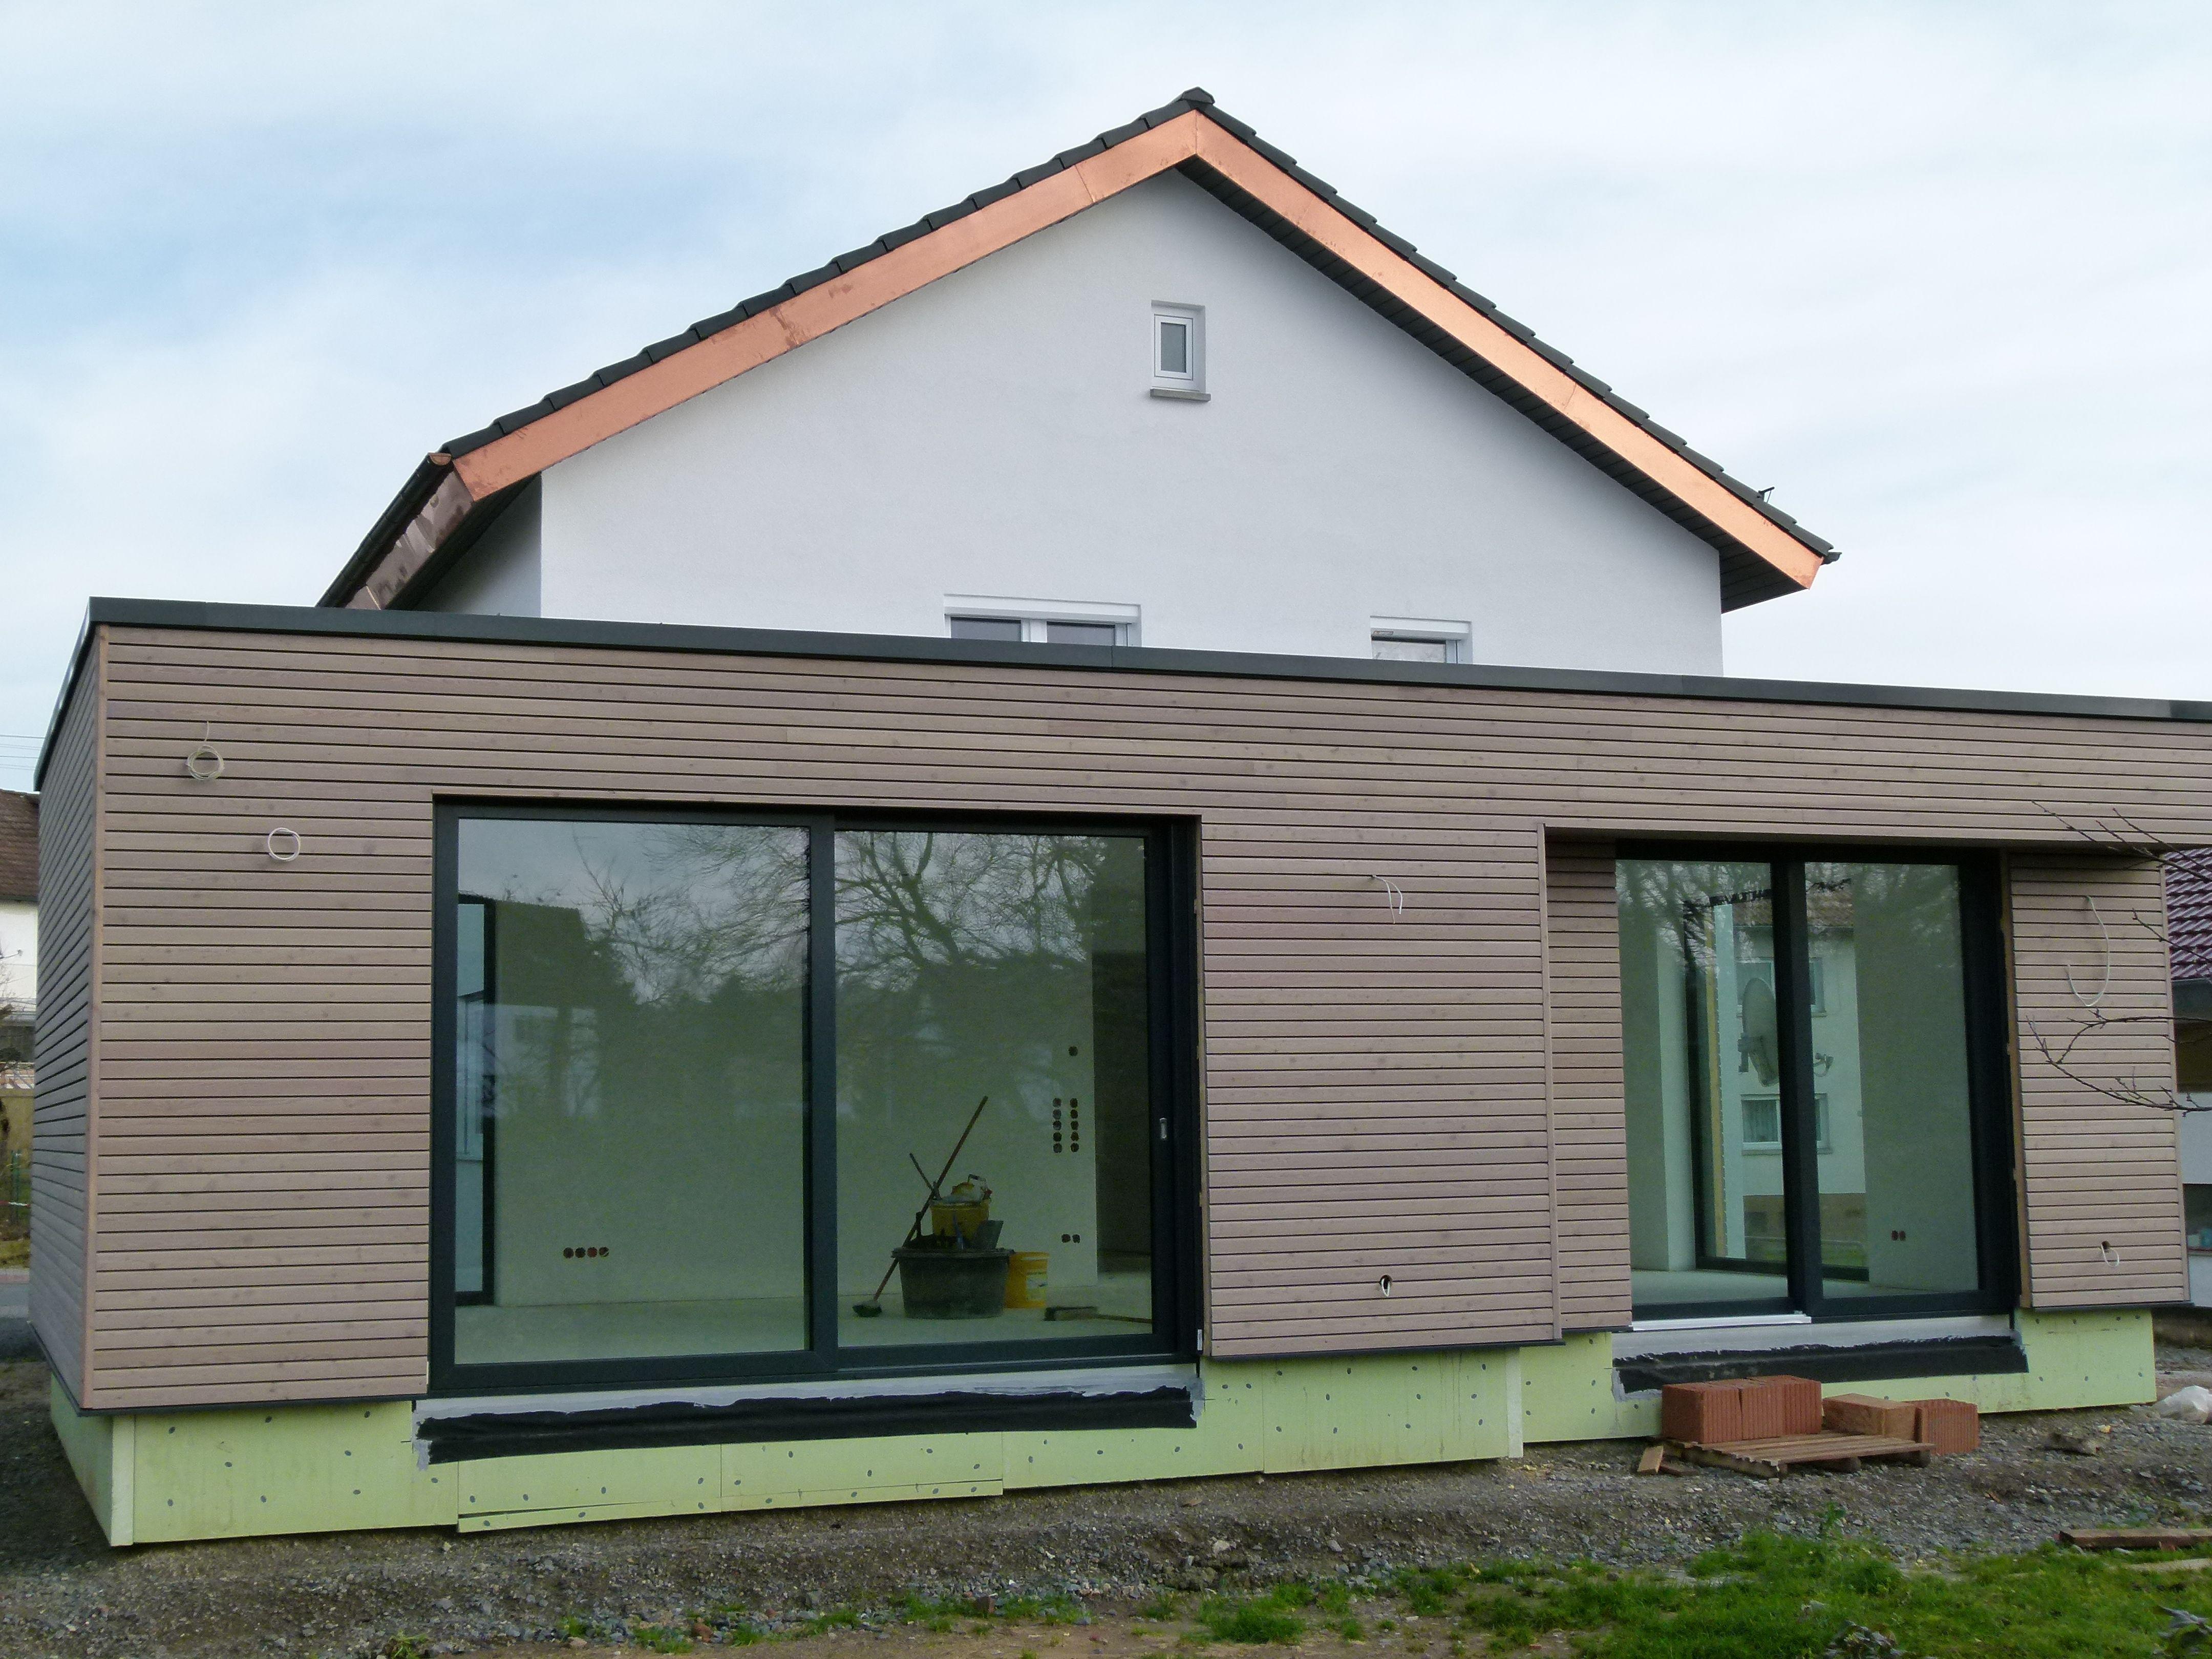 Wohnraumerweiterung in Holzständerbauweise Dachprofi